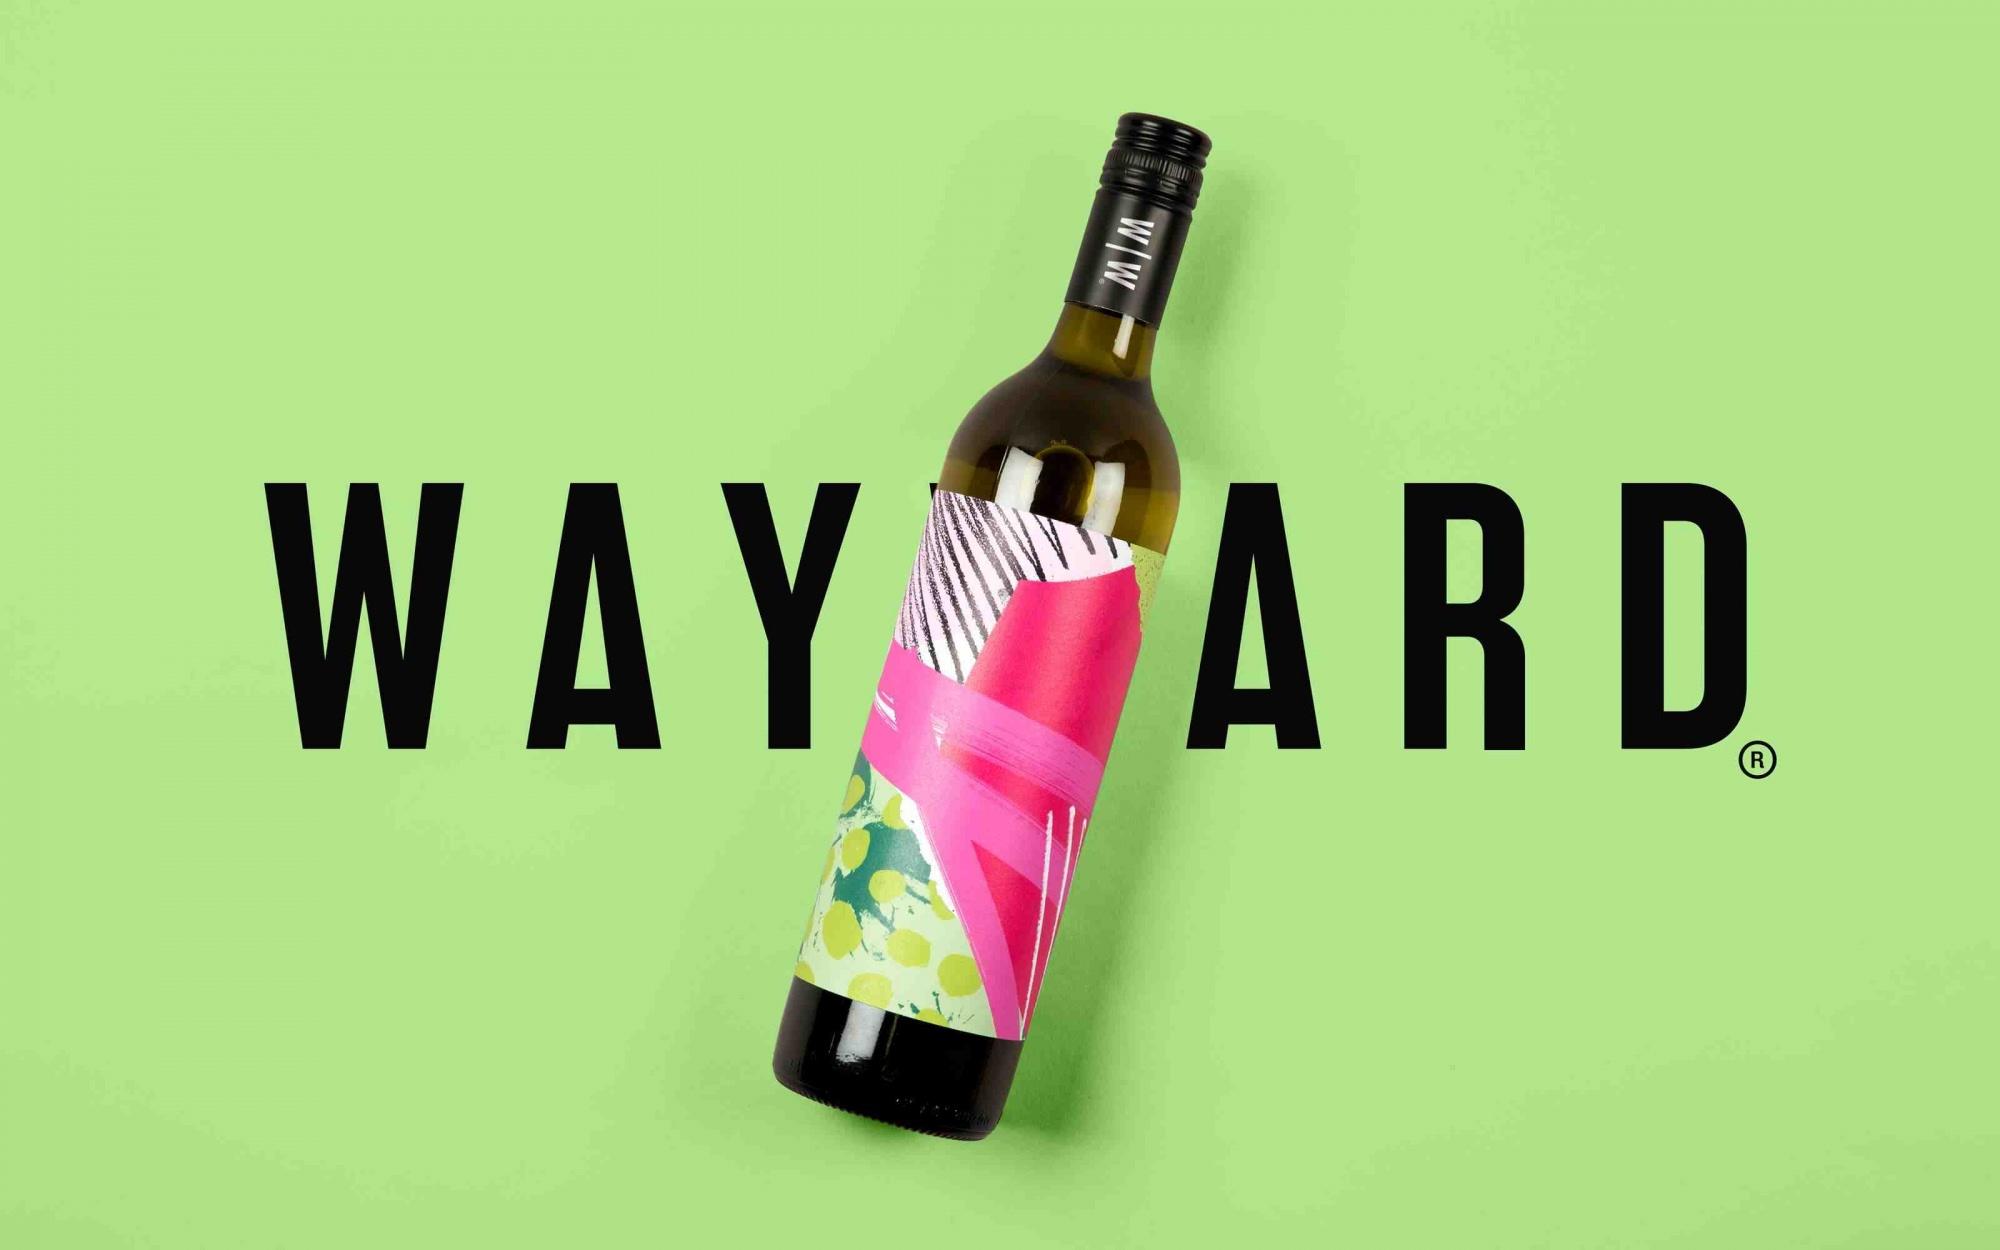 Wayward Green